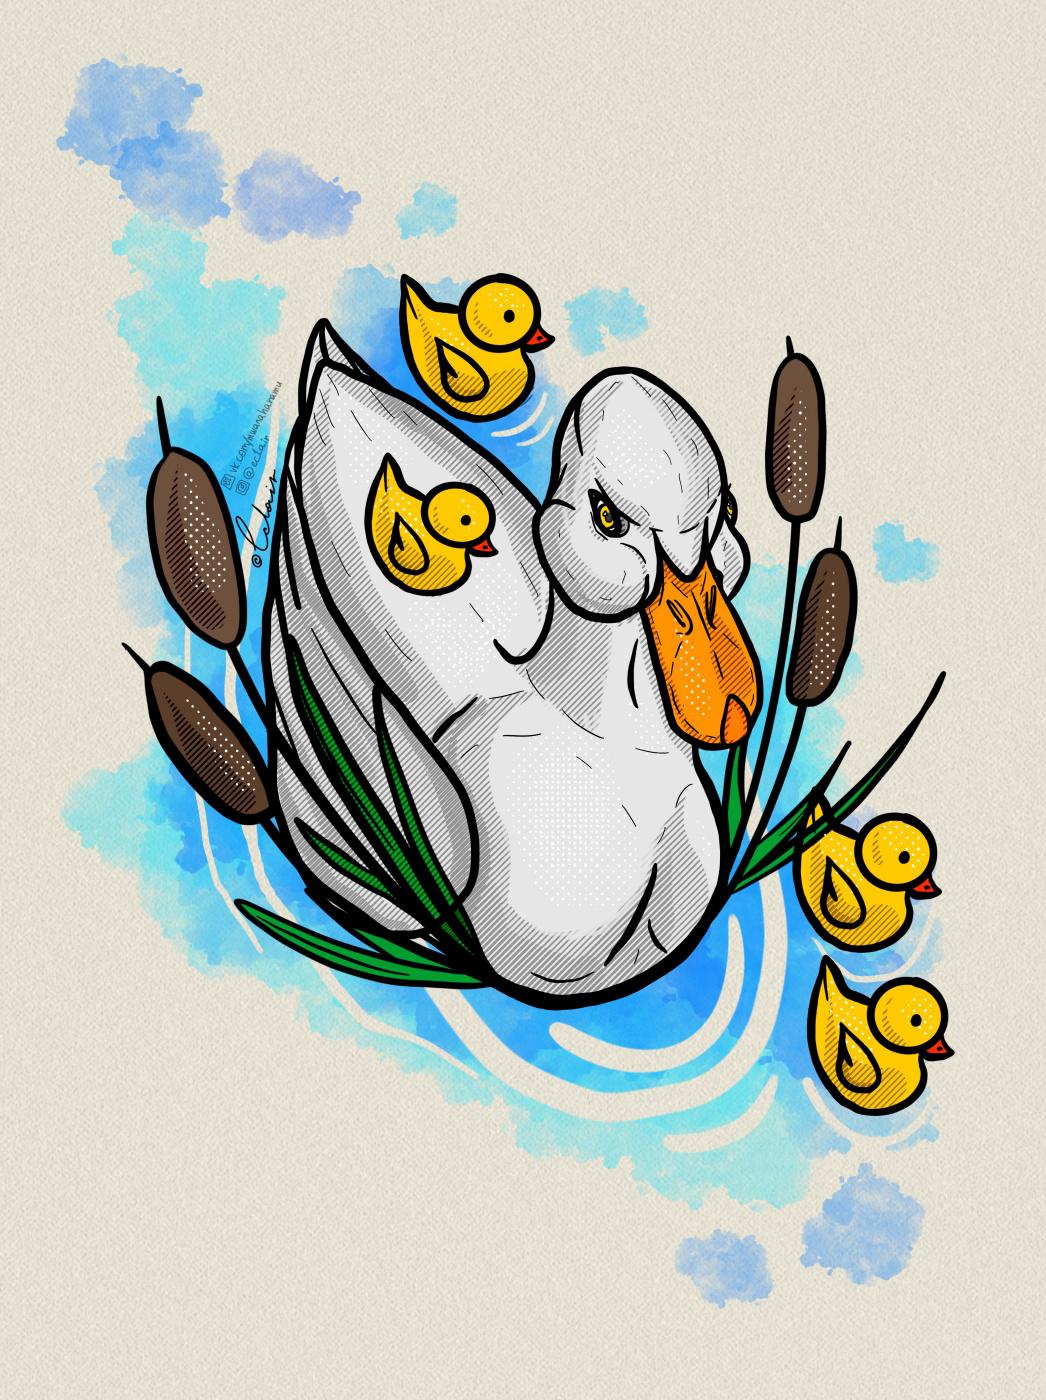 Lera Ec1air. Family duck